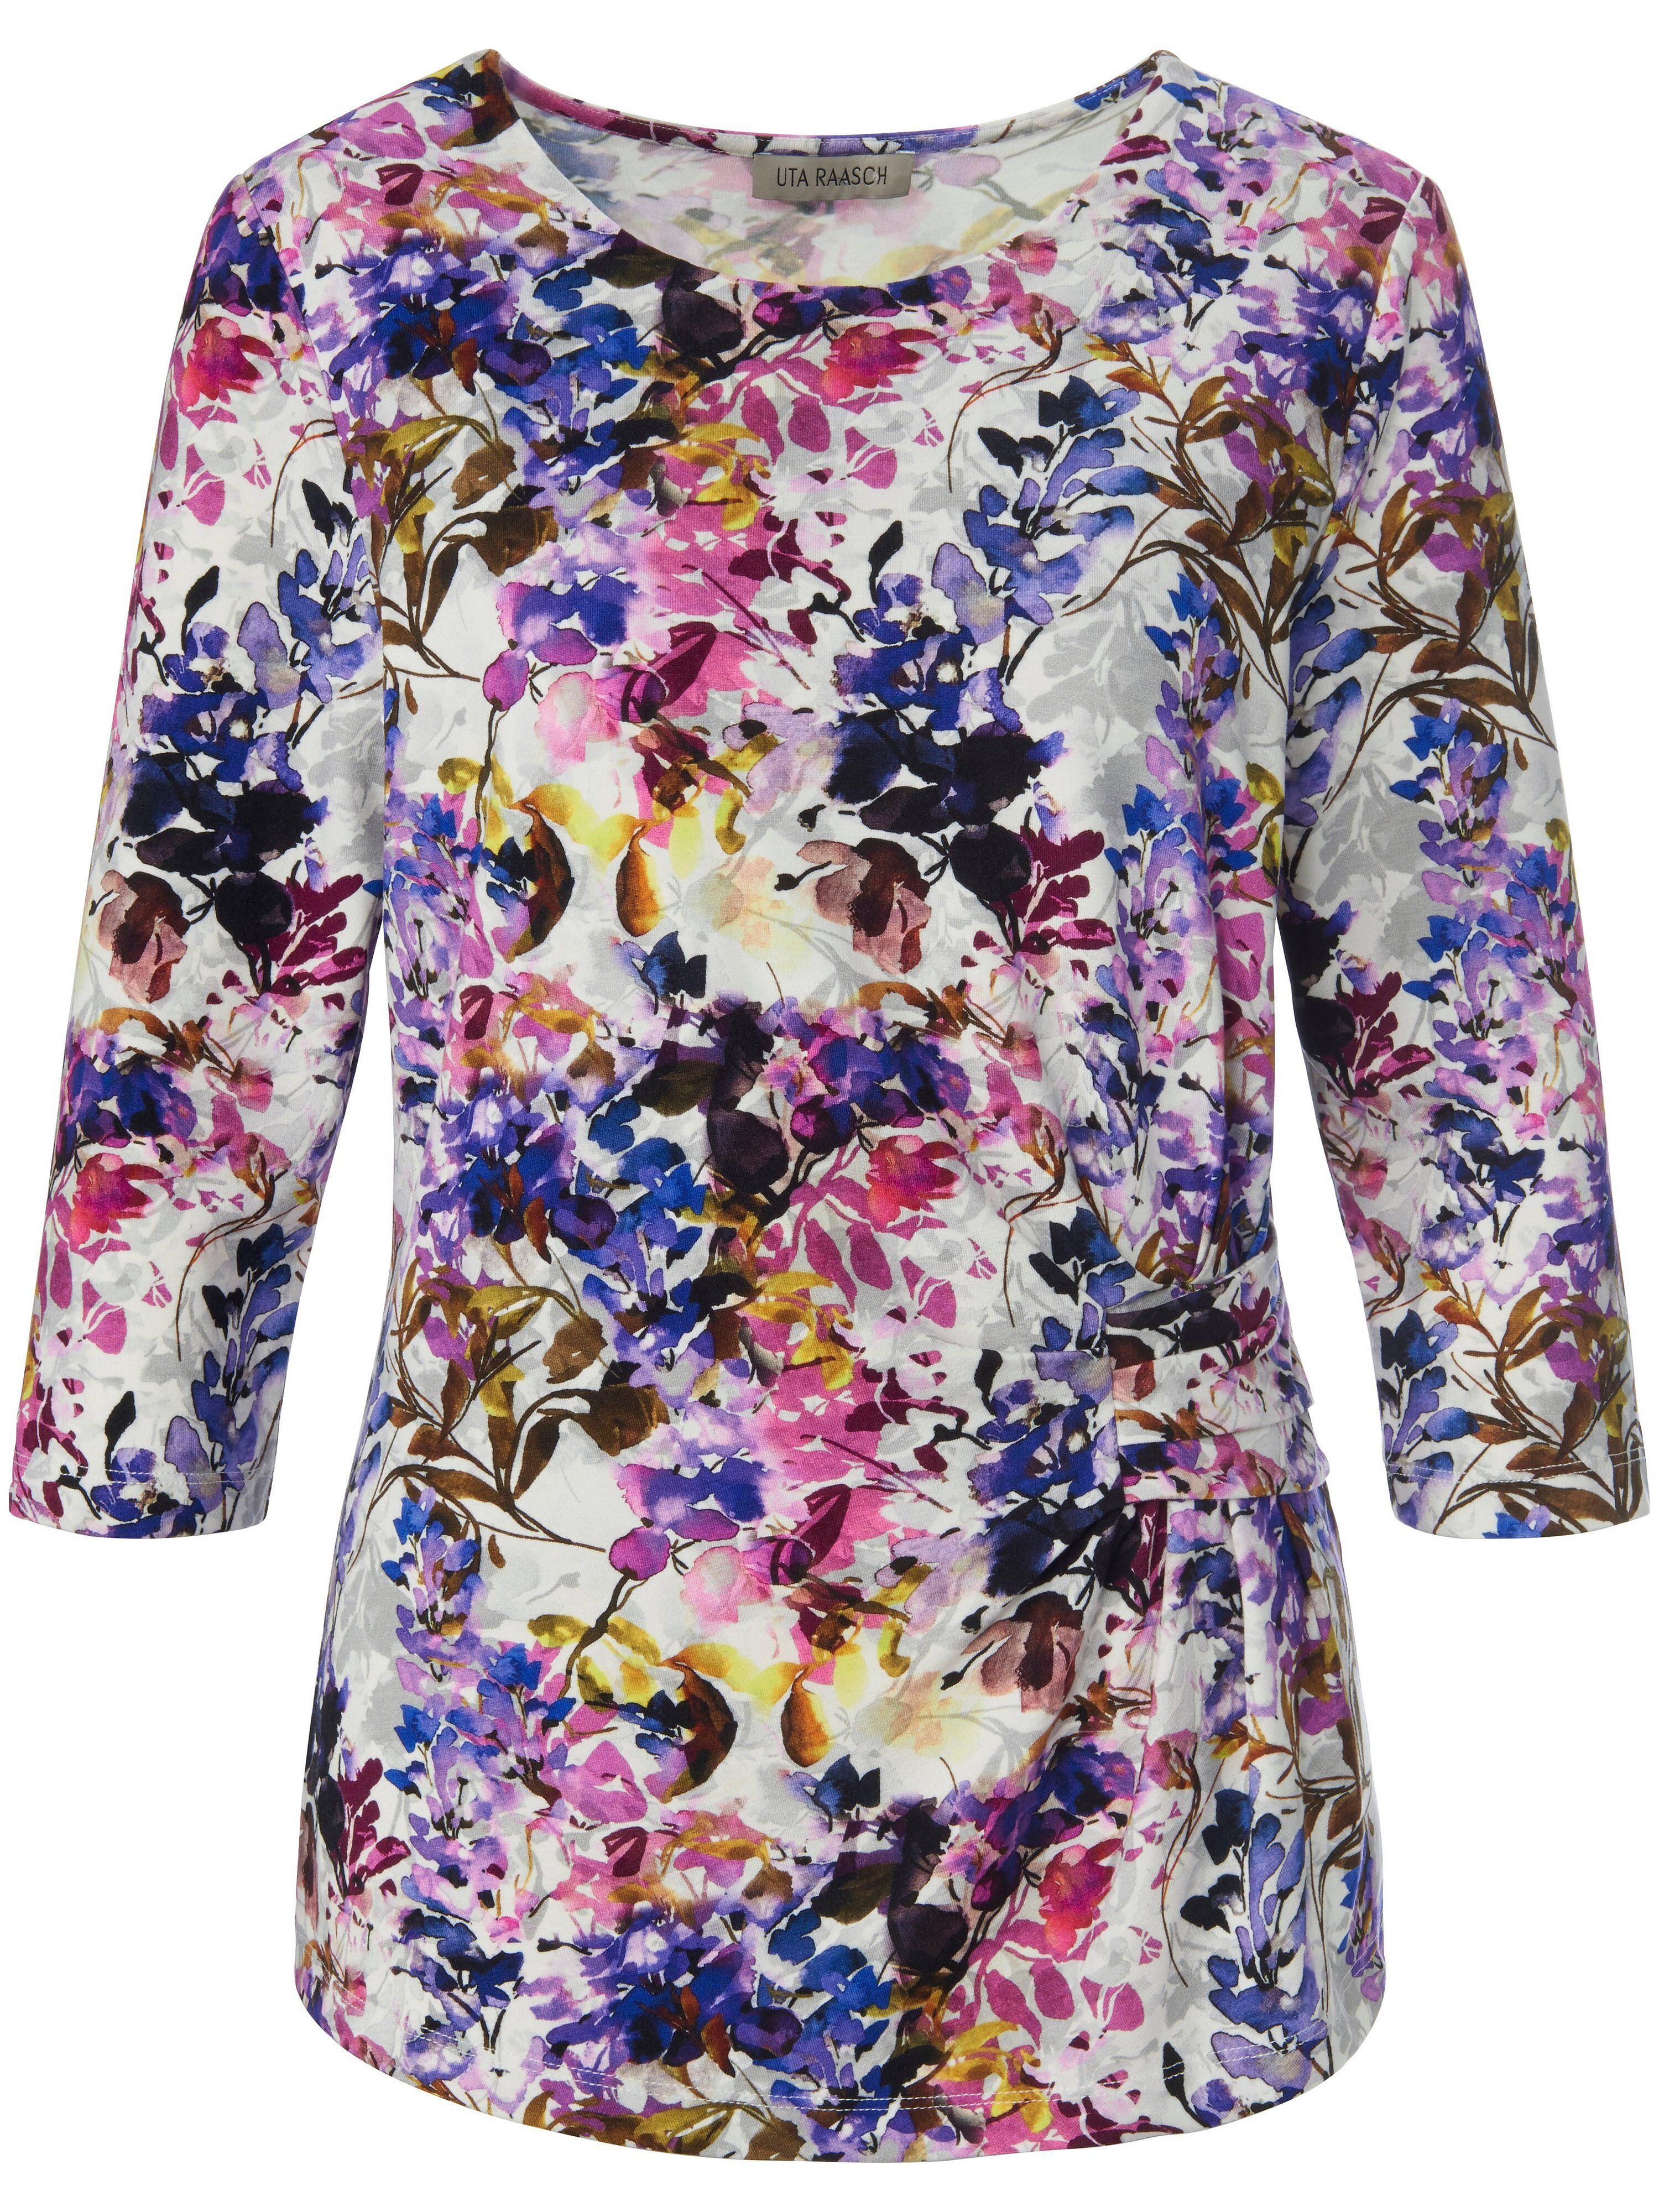 Uta Raasch Le T-shirt manches 3/4  Uta Raasch multicolore  - Femme - 44